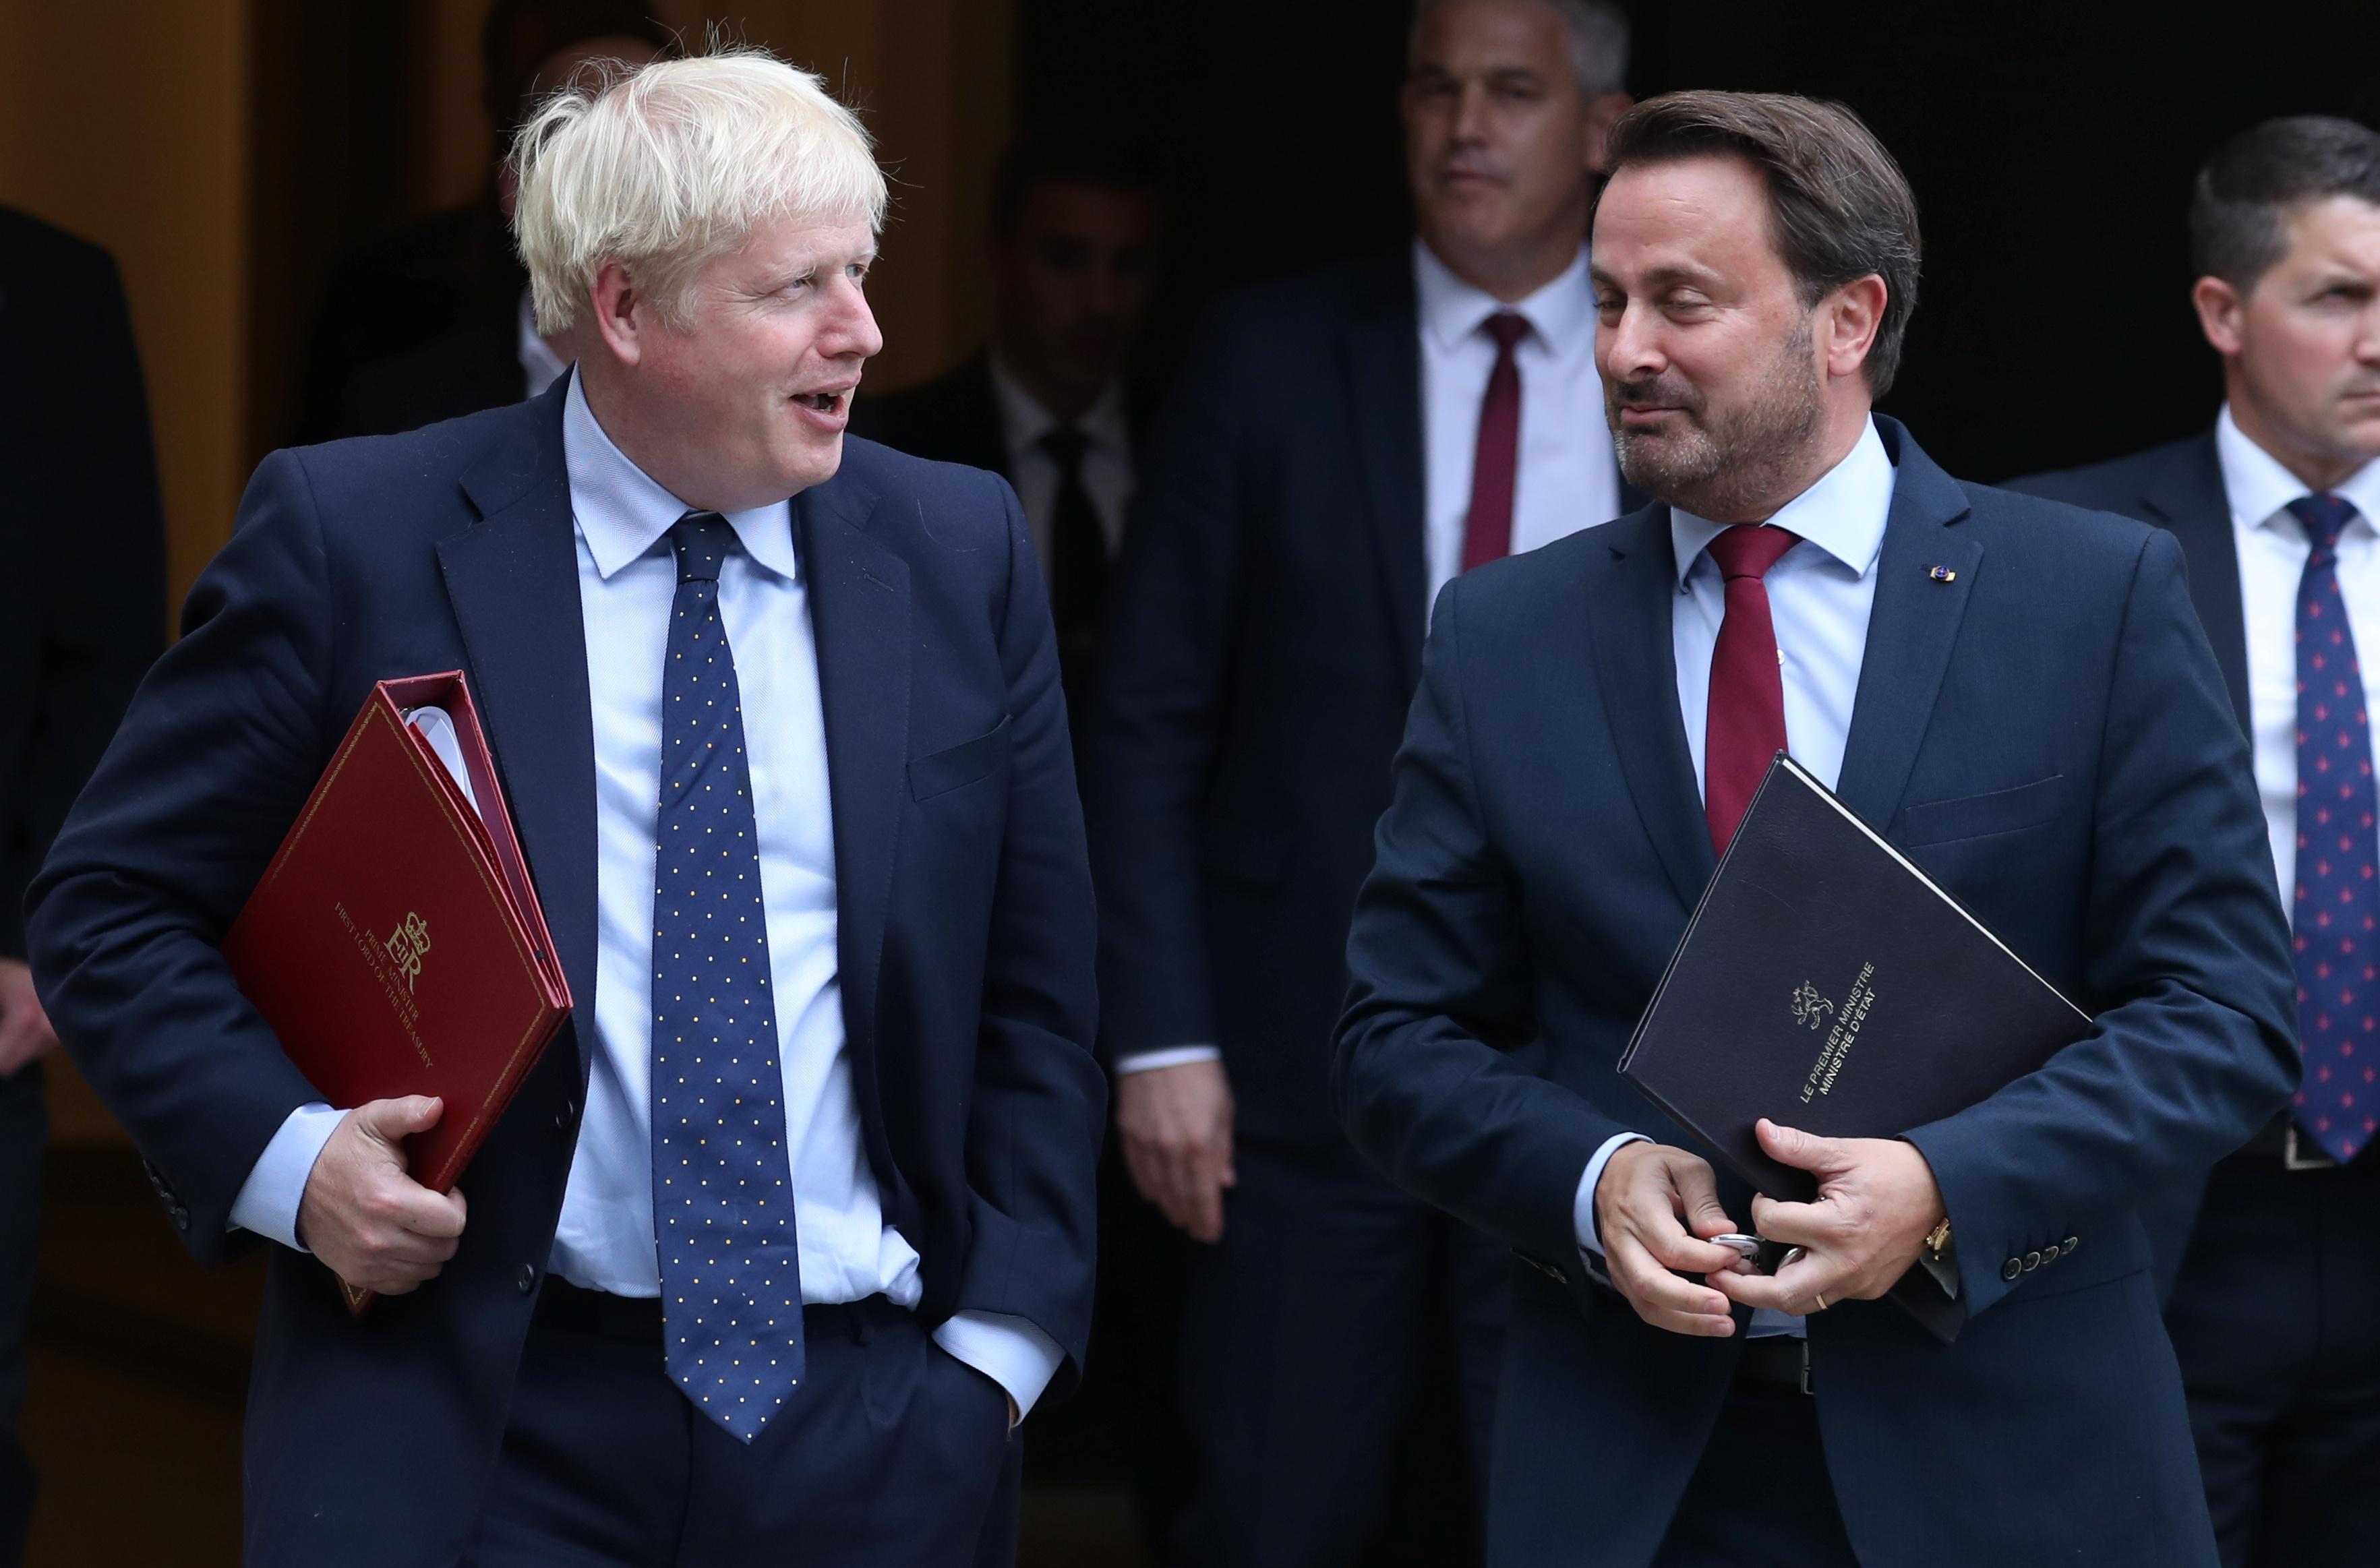 """Τα άκουσε για τα καλά ο Τζόνσον! """"Μην κατηγορήσεις την ΕΕ για το χάος του Brexit"""""""